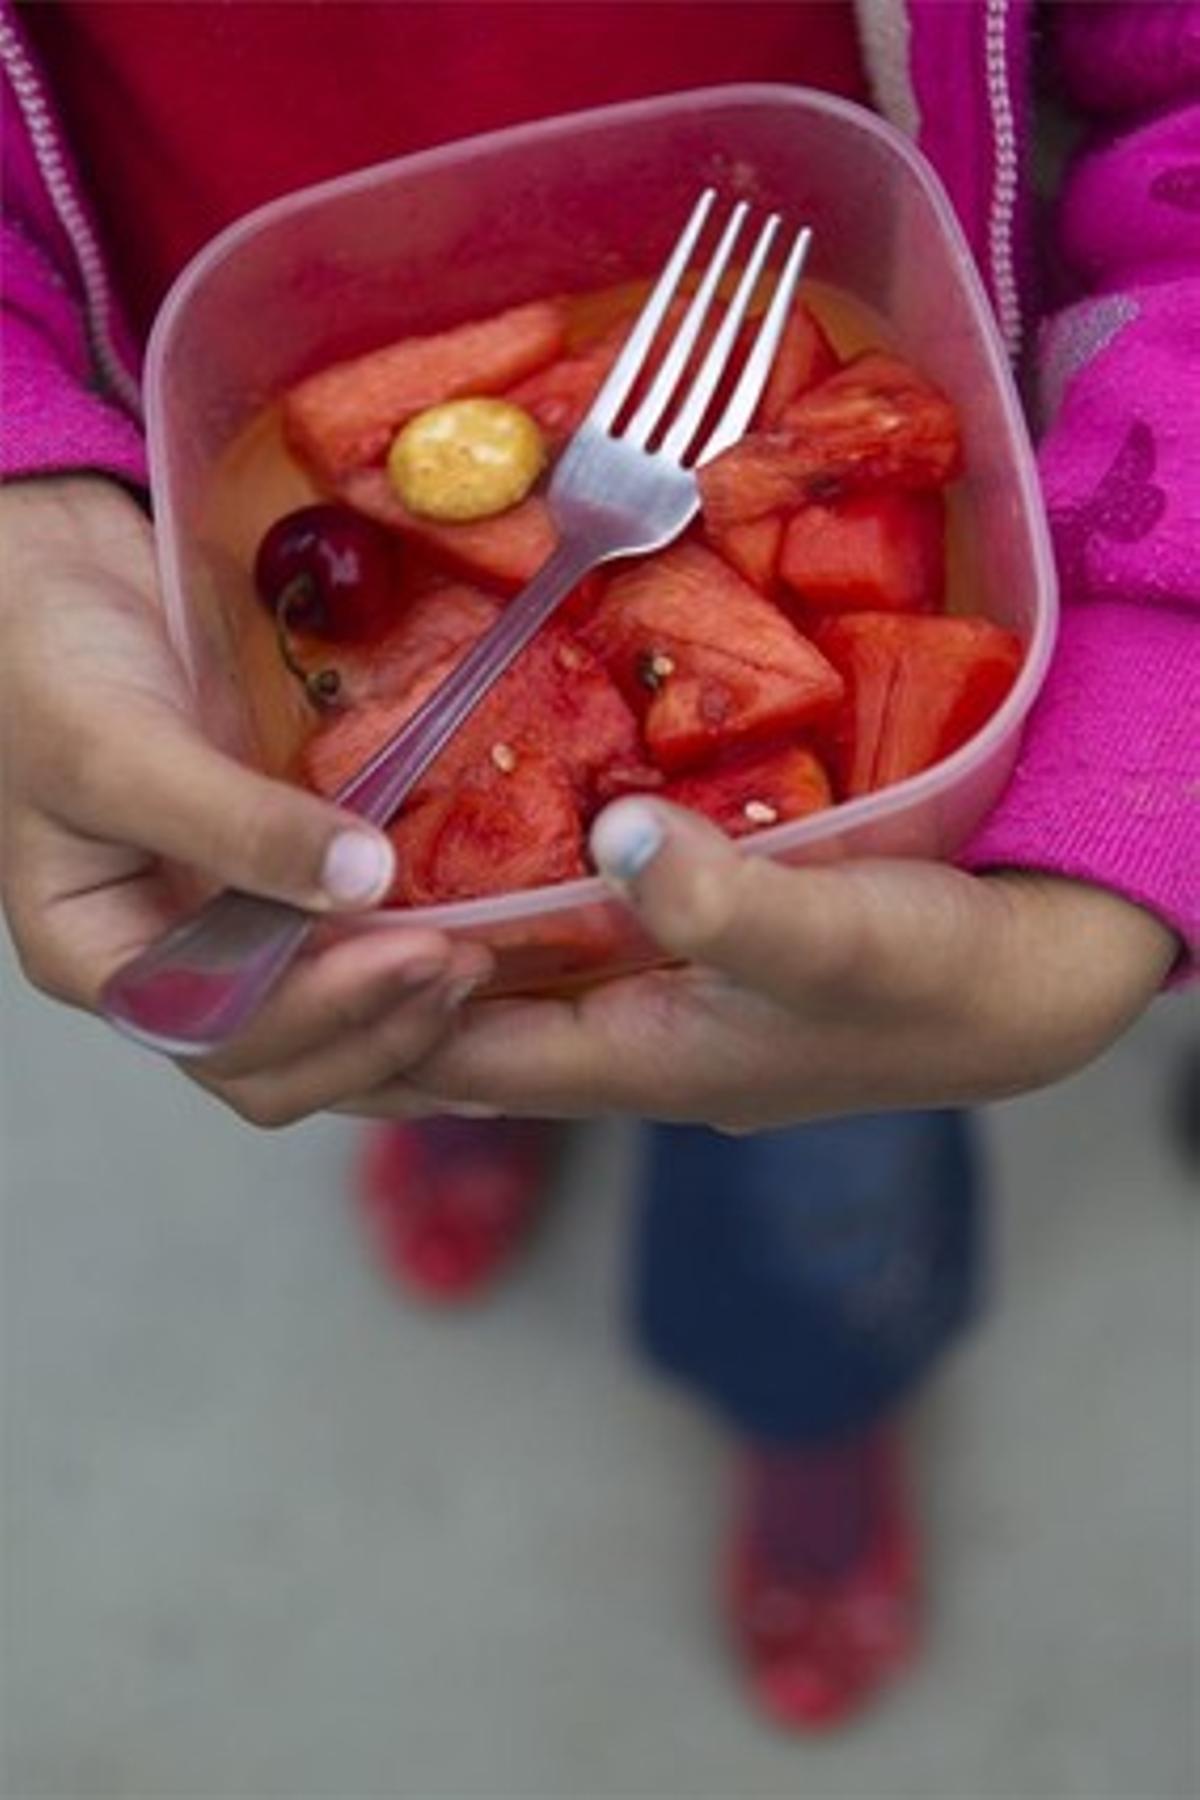 Un niño sostiene un plato de sandía.